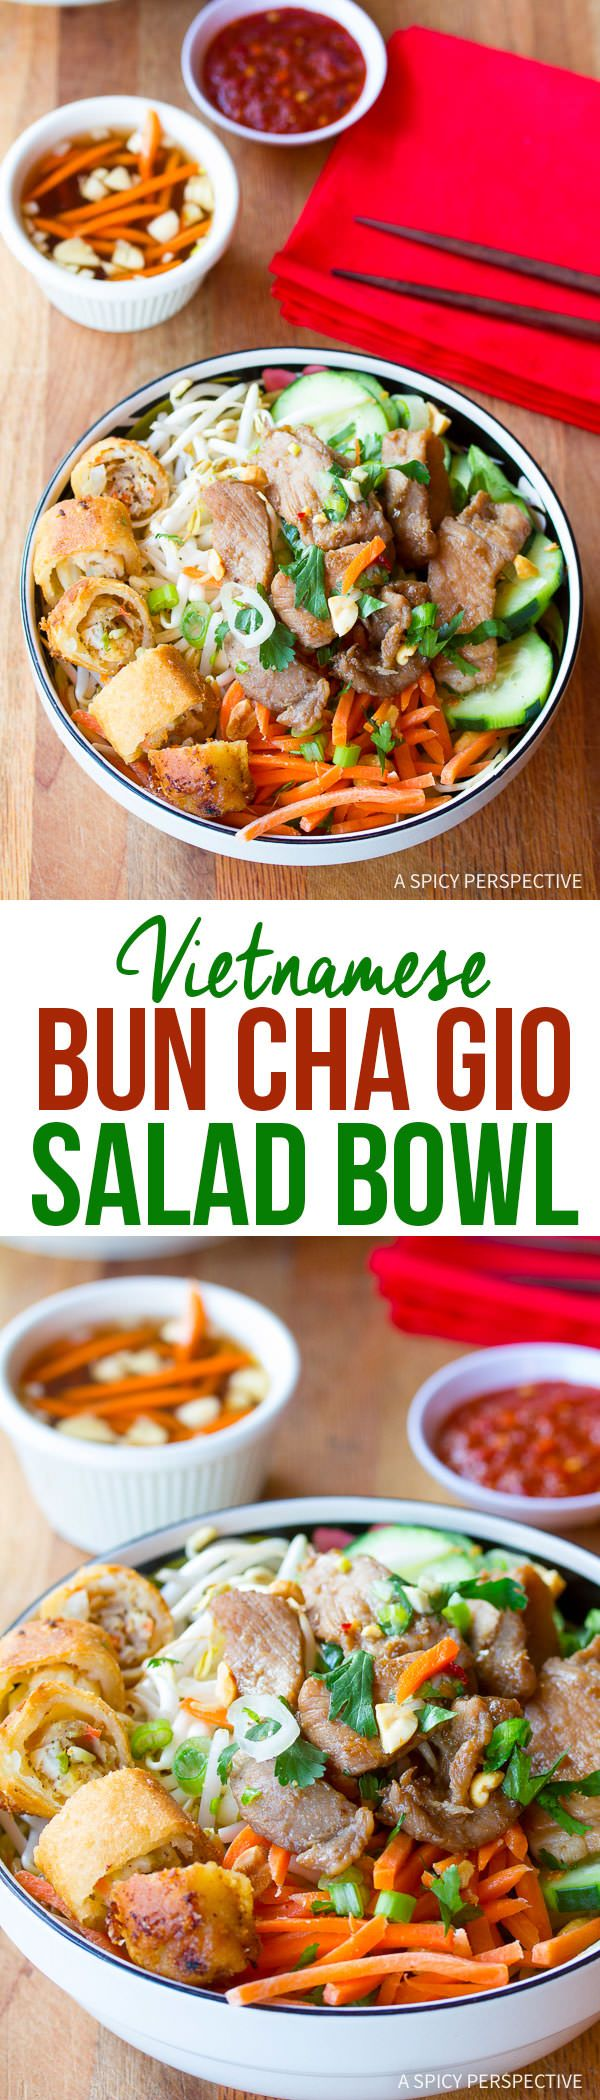 02.07-02.13 - Healthy Vietnamese Bun Cha Gio Recipe | ASpicyPerspective.com